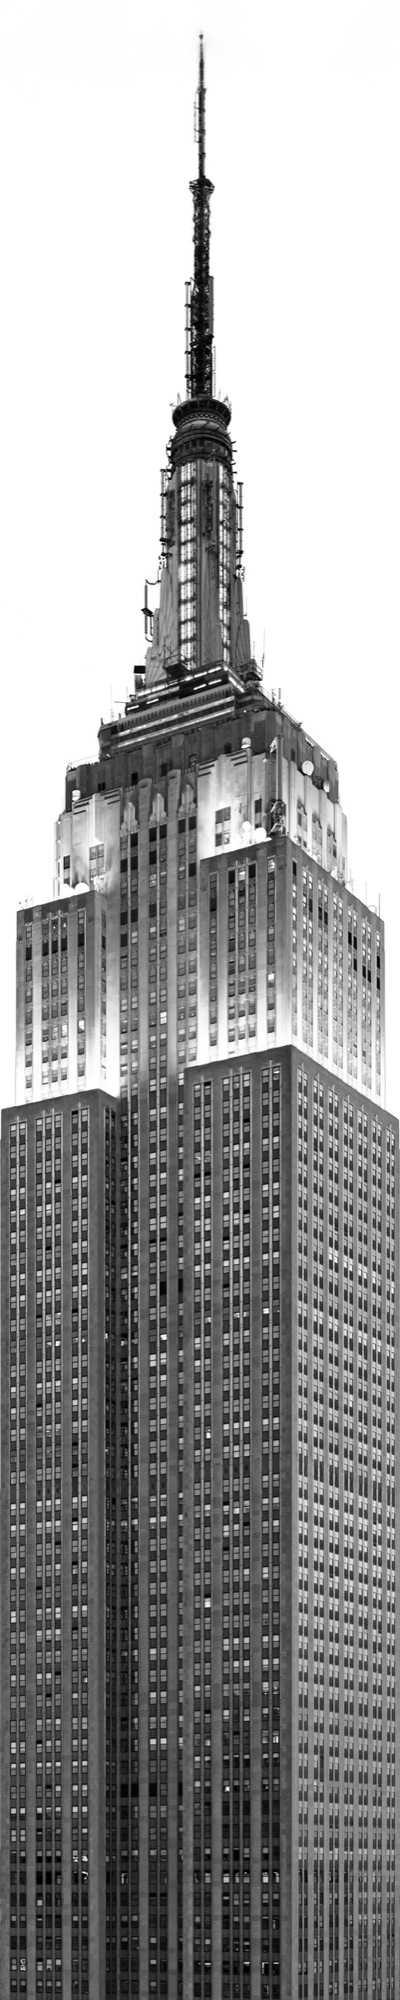 Poster XXL impression numérique Empire State Building